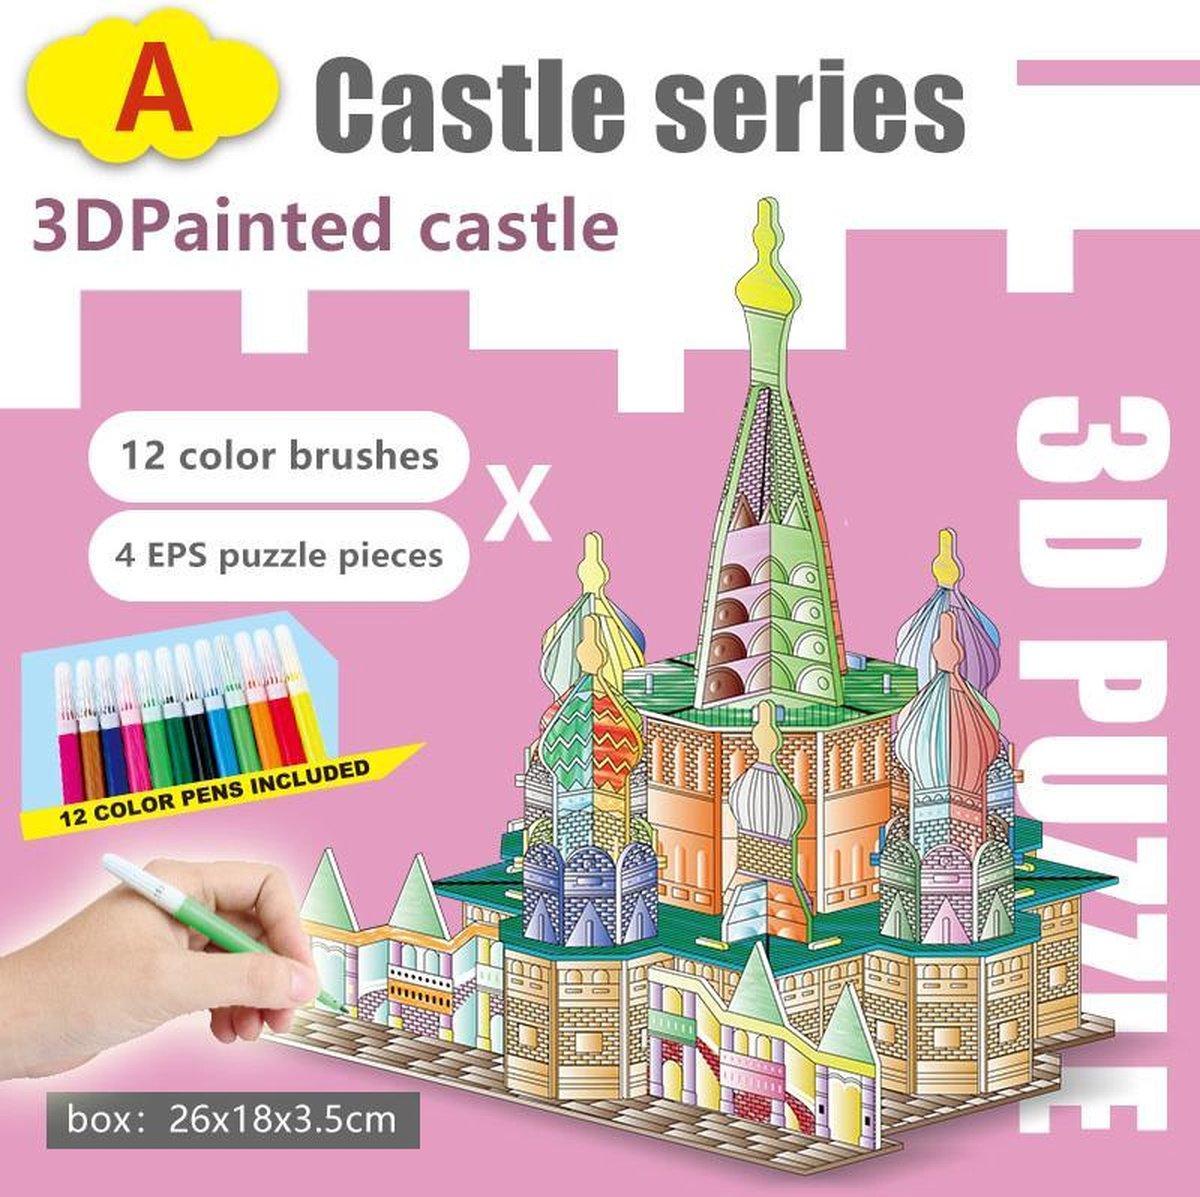 3D Puzzel ' Kasteel A&D 2 in 1 Set' Speelgoed voor kinderen - Jongens En Meisjes - Voertuigen - Villa - Kasteel - Tekenen - Kleuren - Knutselen - Vanaf 3 Jaar Oud - Leerzaam